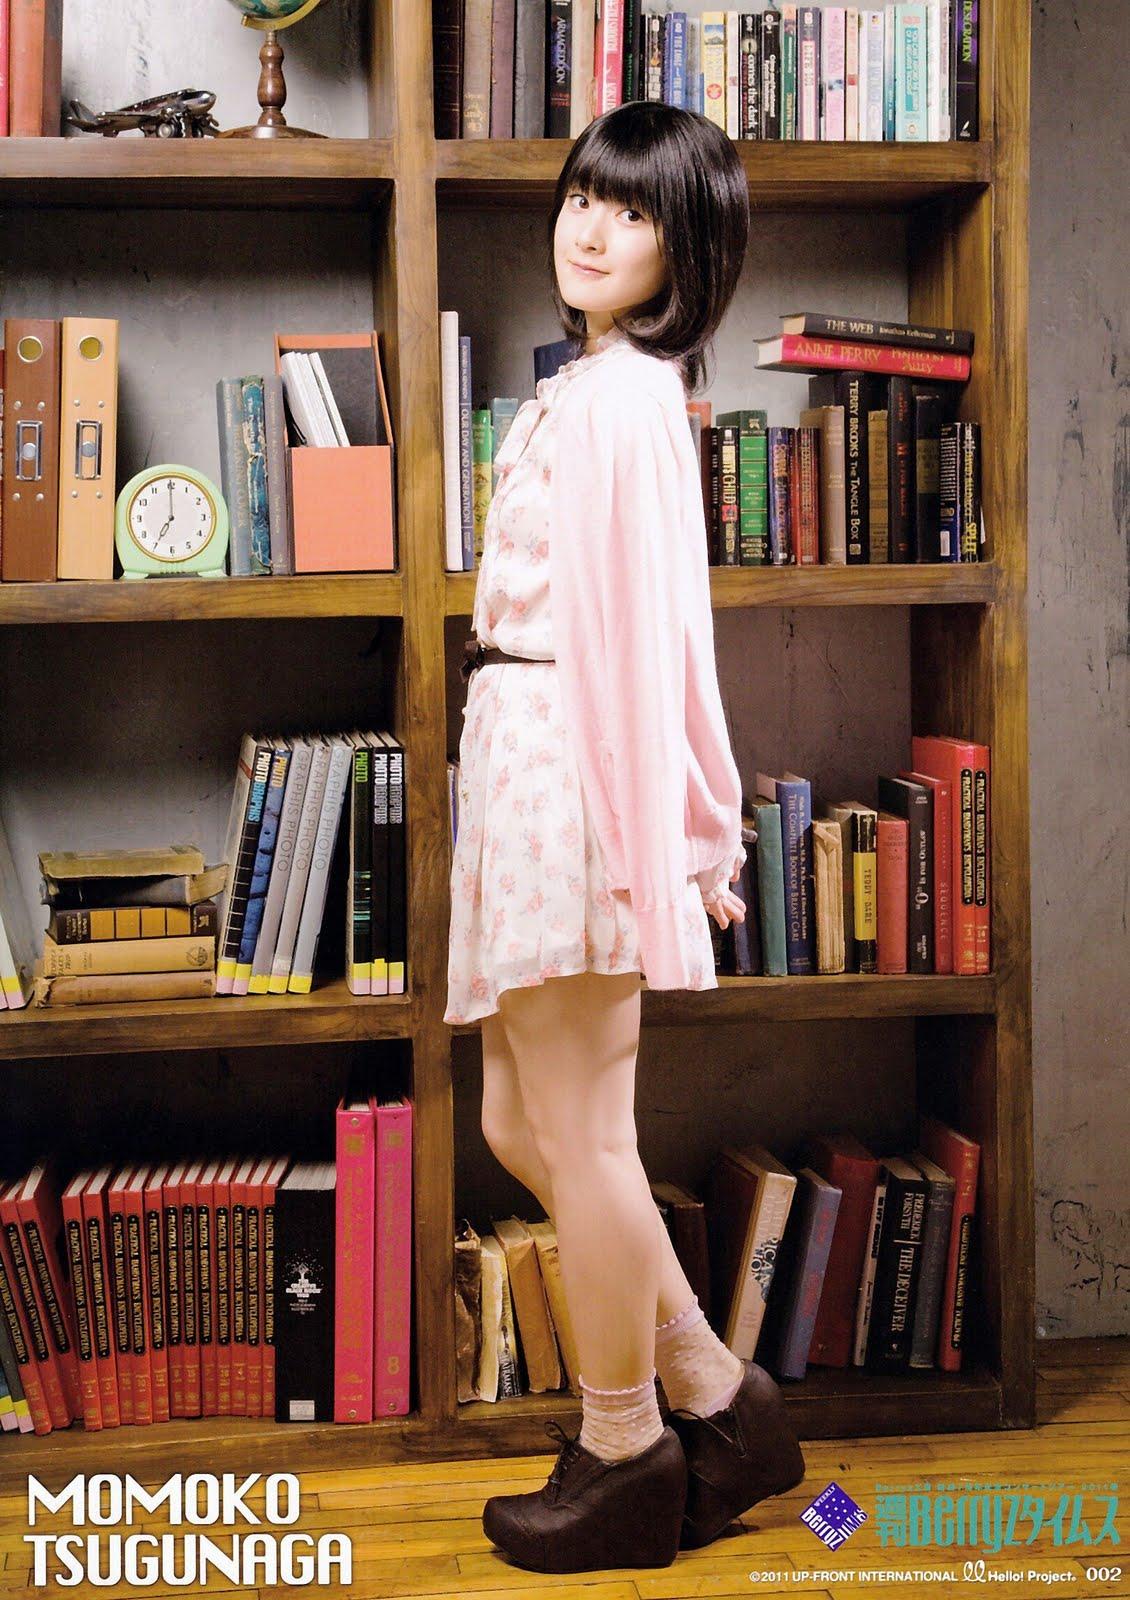 momochii itune singles  MomokoTsugunaga